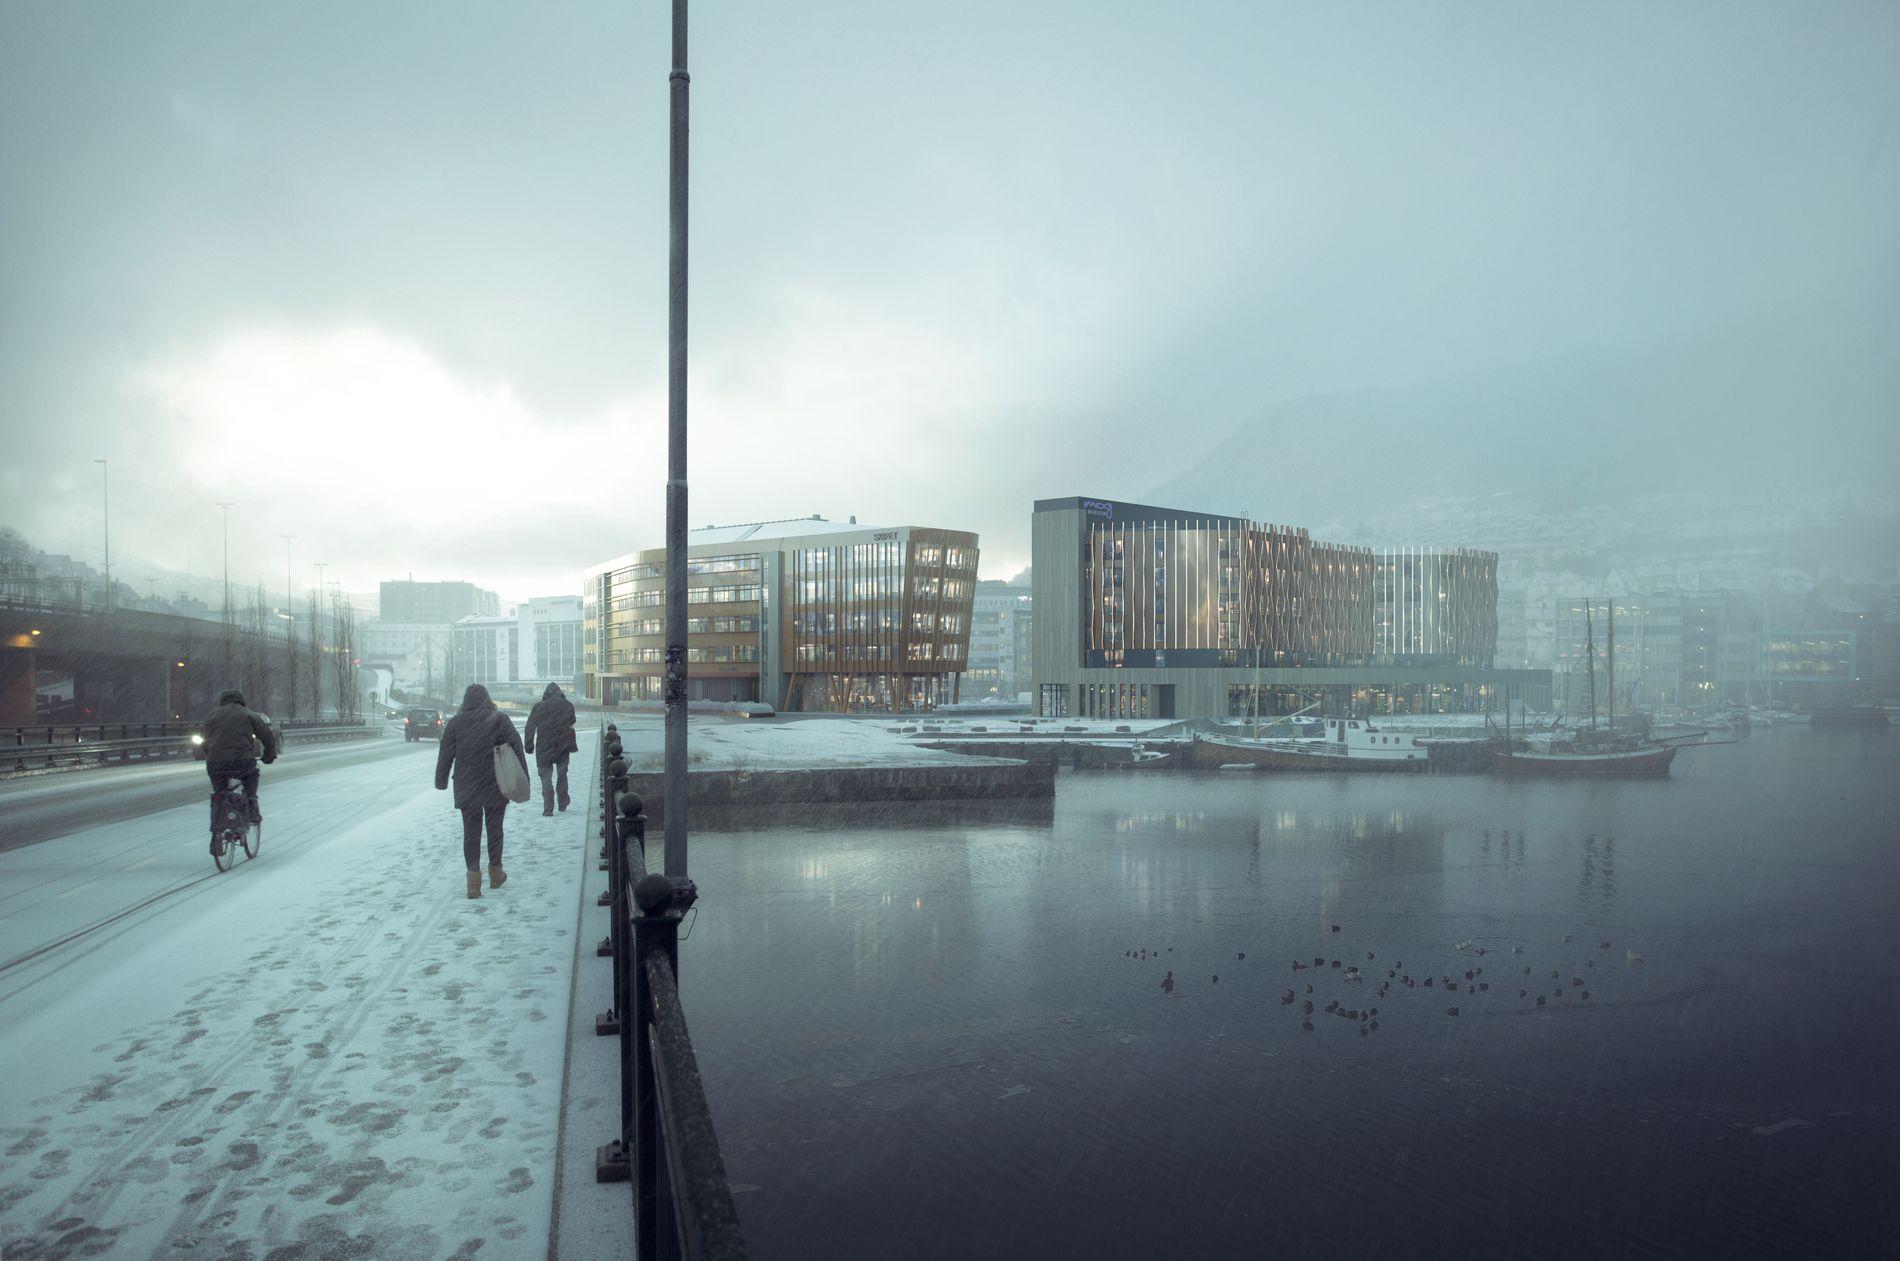 SLIK SKAL DET BLI: Sett fra Nygårdsbroen; Massivtrebygget «Skipet» til venstre, og Moxy-hotellet til høyre. «Prosjektet er blitt betydelig mer menneske- og miljøvennlig siden de første planene ble behandlet for over ti år siden», skriver Frode Bjerkestrand.  ILLUSTRASJON:  Arkitekt Paal J. Kahrs, OG arkitekter AS og MIR AS